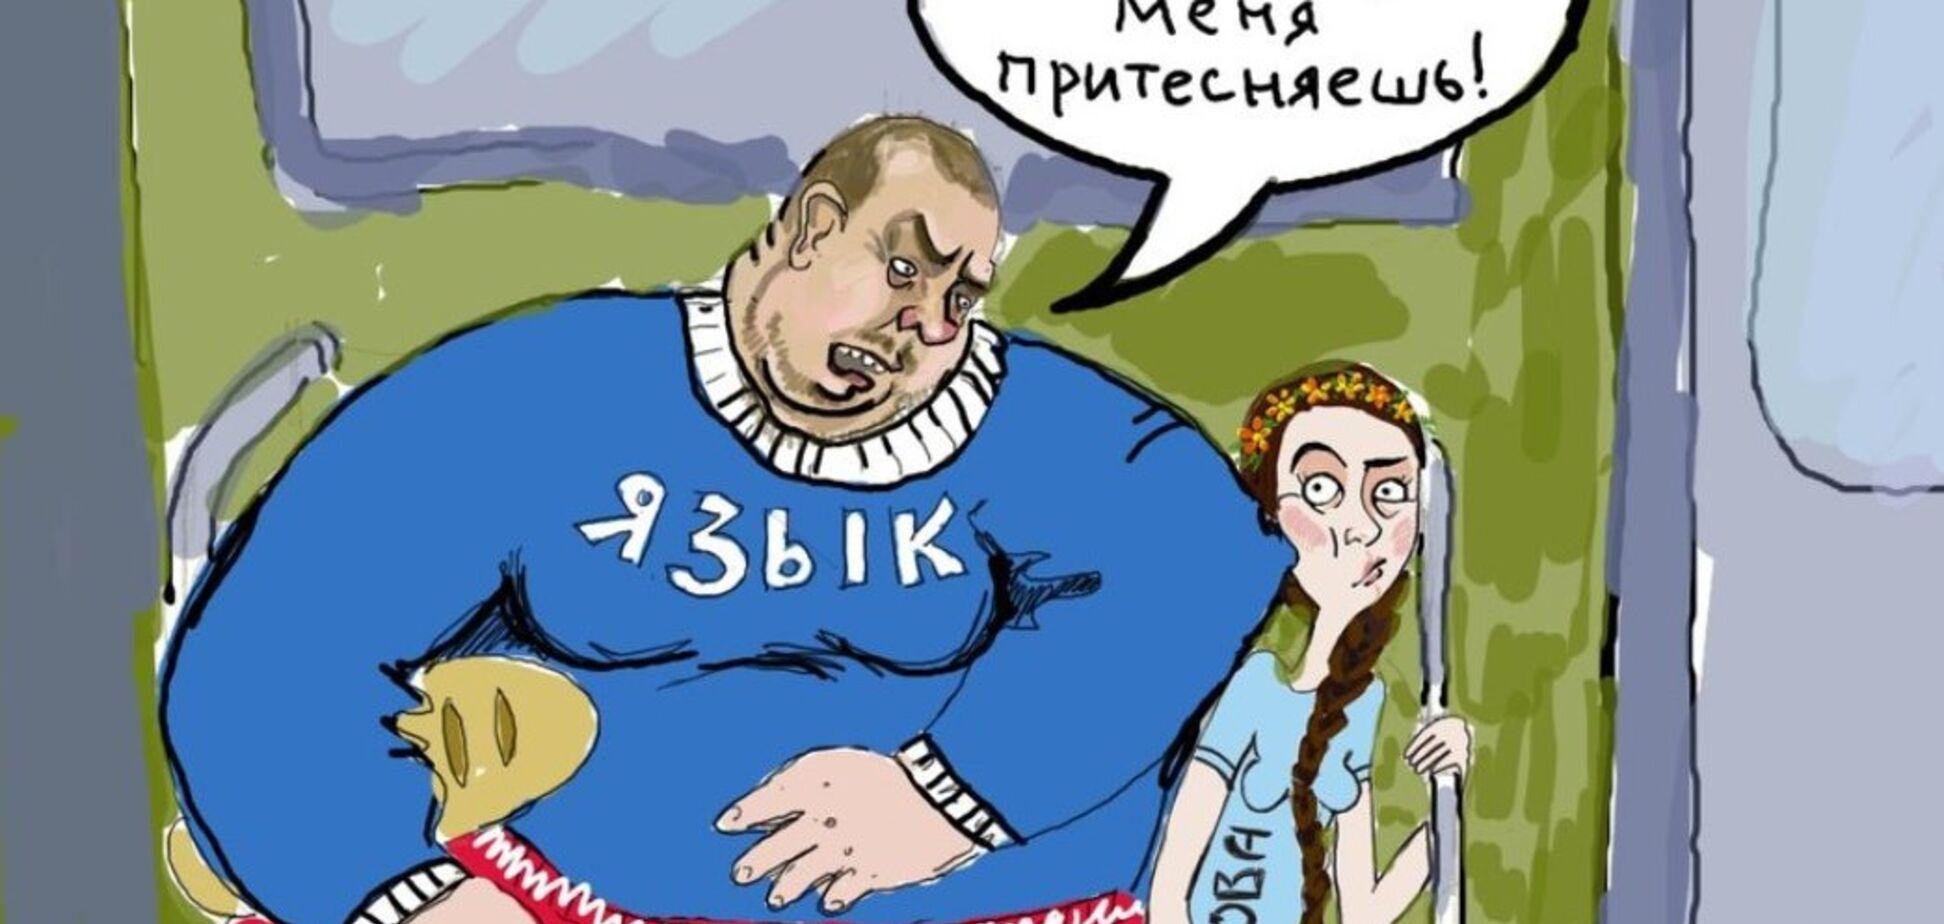 'Все говорят по-русски': в РФ рассказали 'правду' об украинском языке